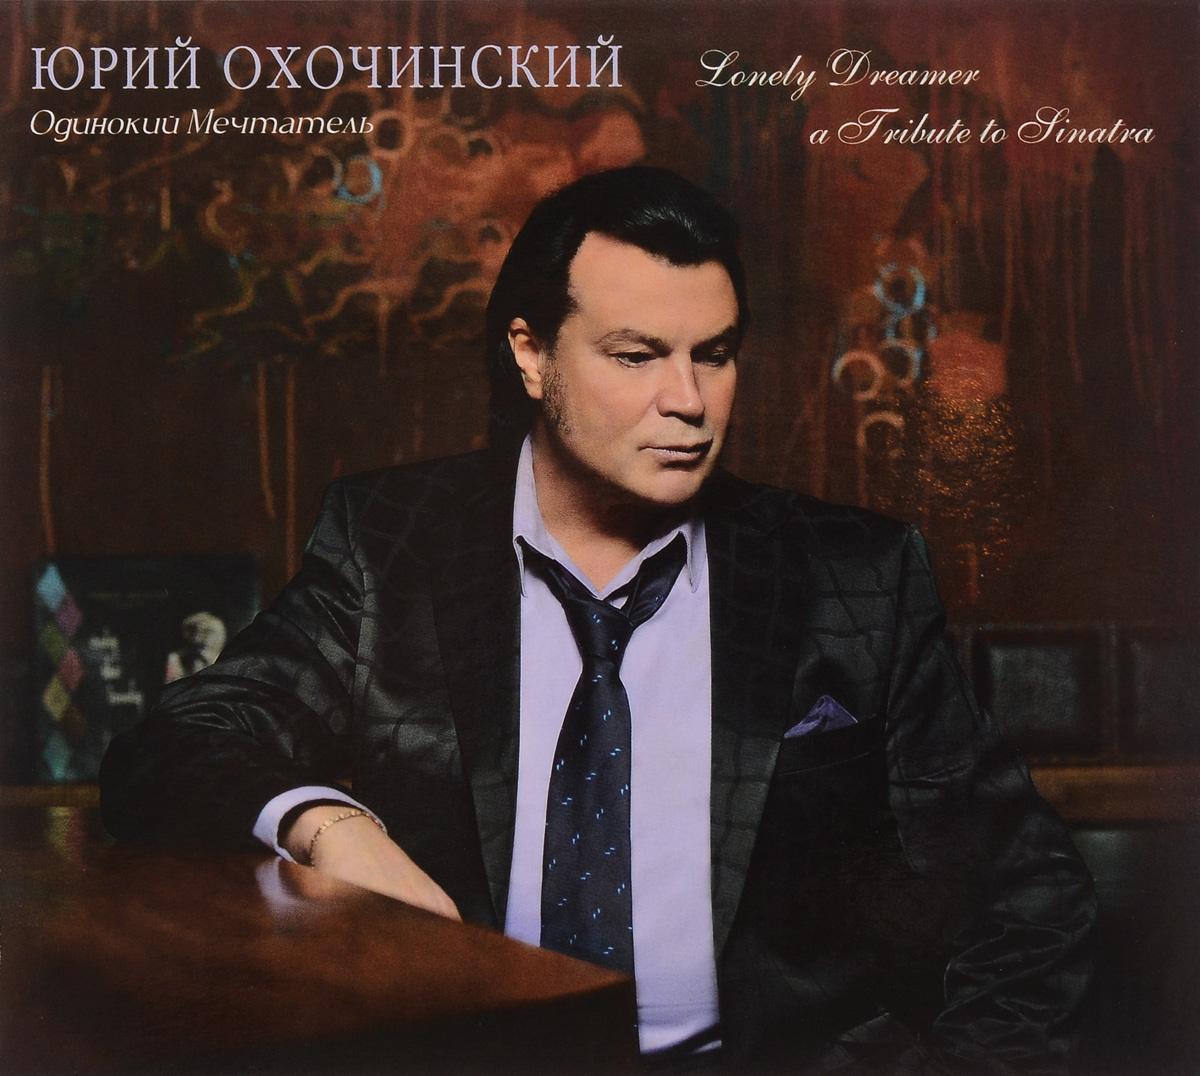 Юрий Охочинский. Одинокий Мечтатель